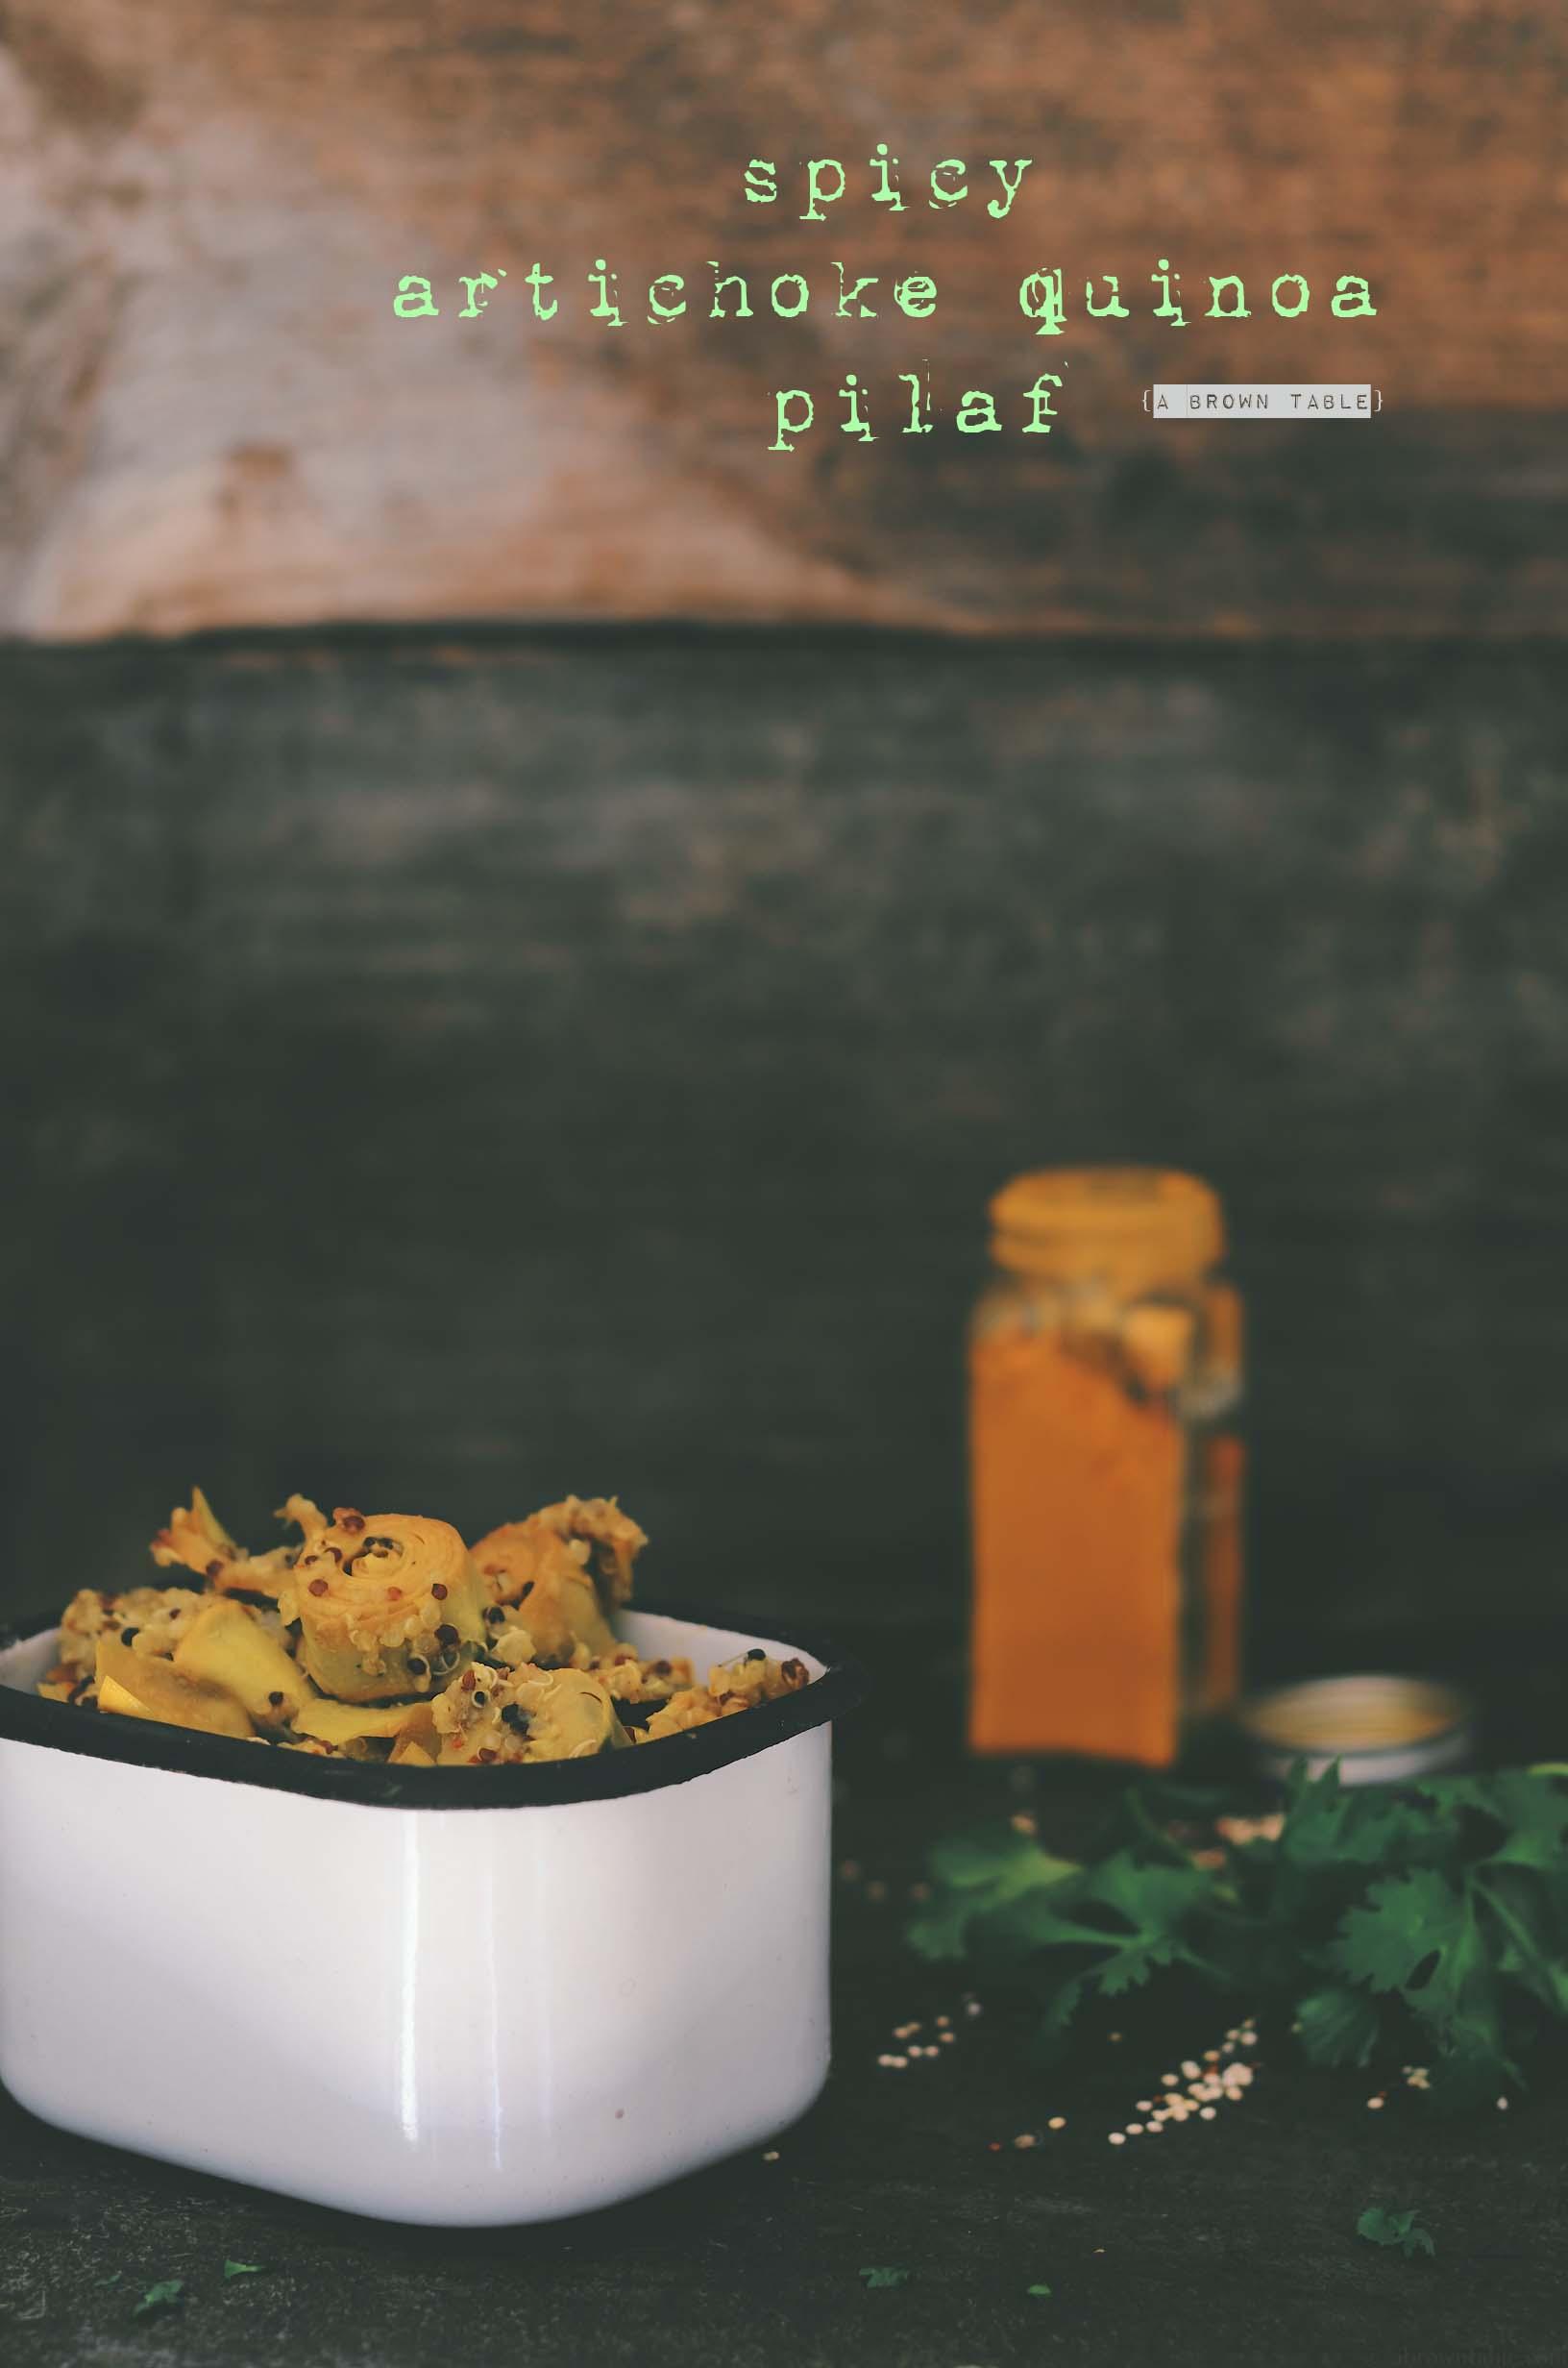 spicy artichoke and quinoa pilaf